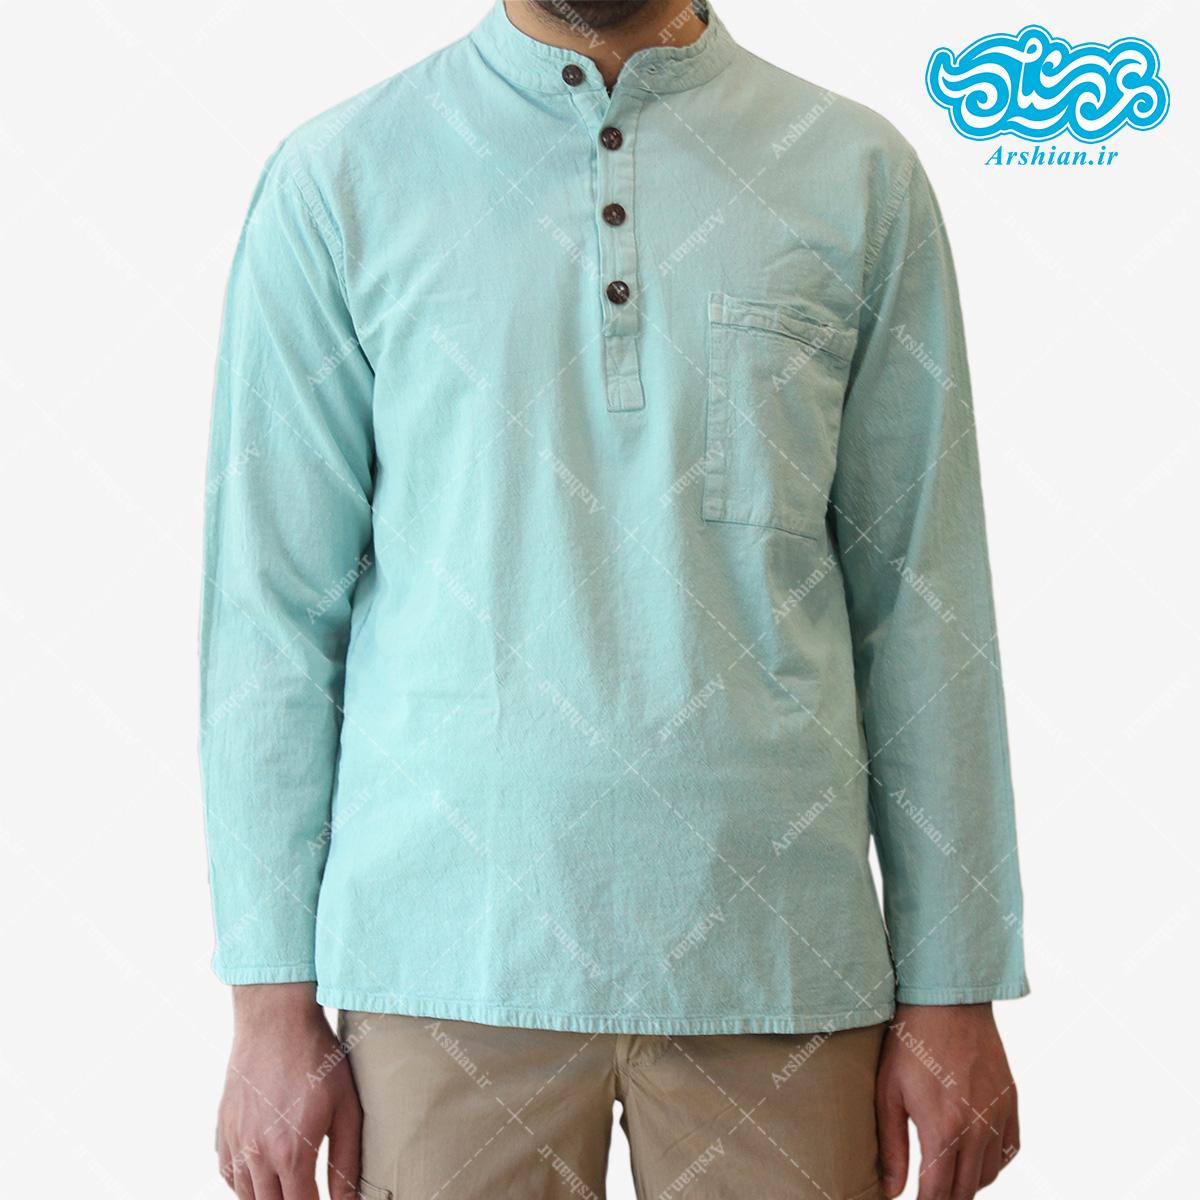 پیراهن الیاف طبیعی طرح چهار دکمه مدل a001